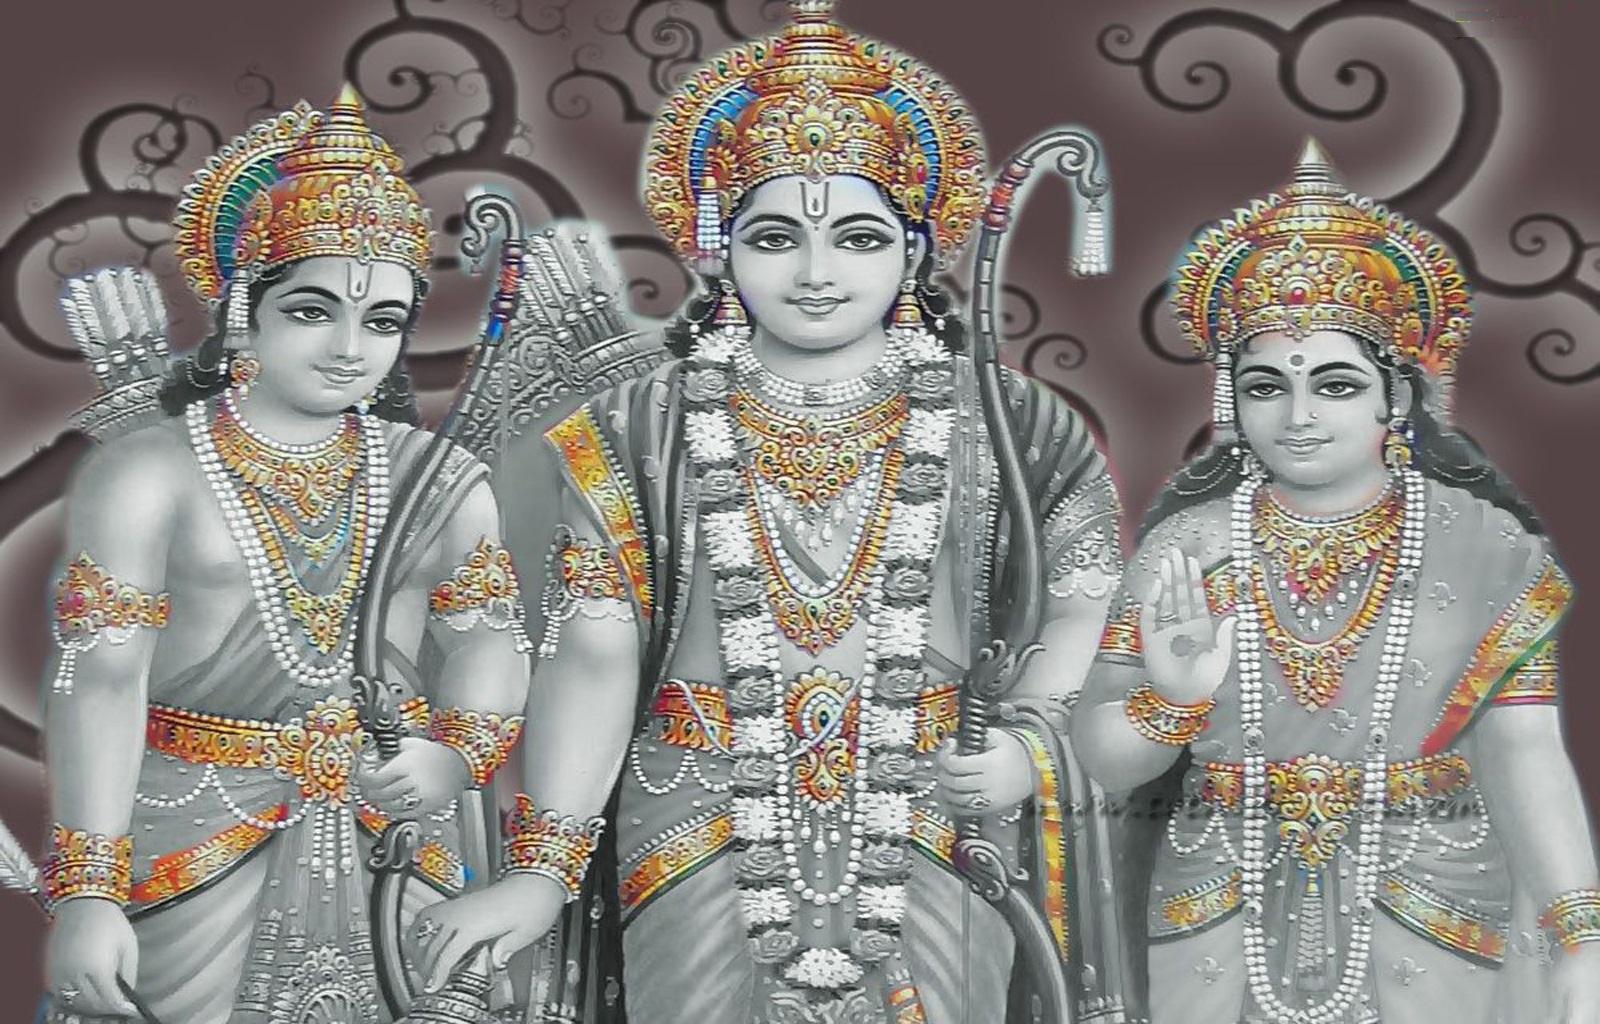 Hindu Hd Wallpaper Shree Ram Sita And Hanuman